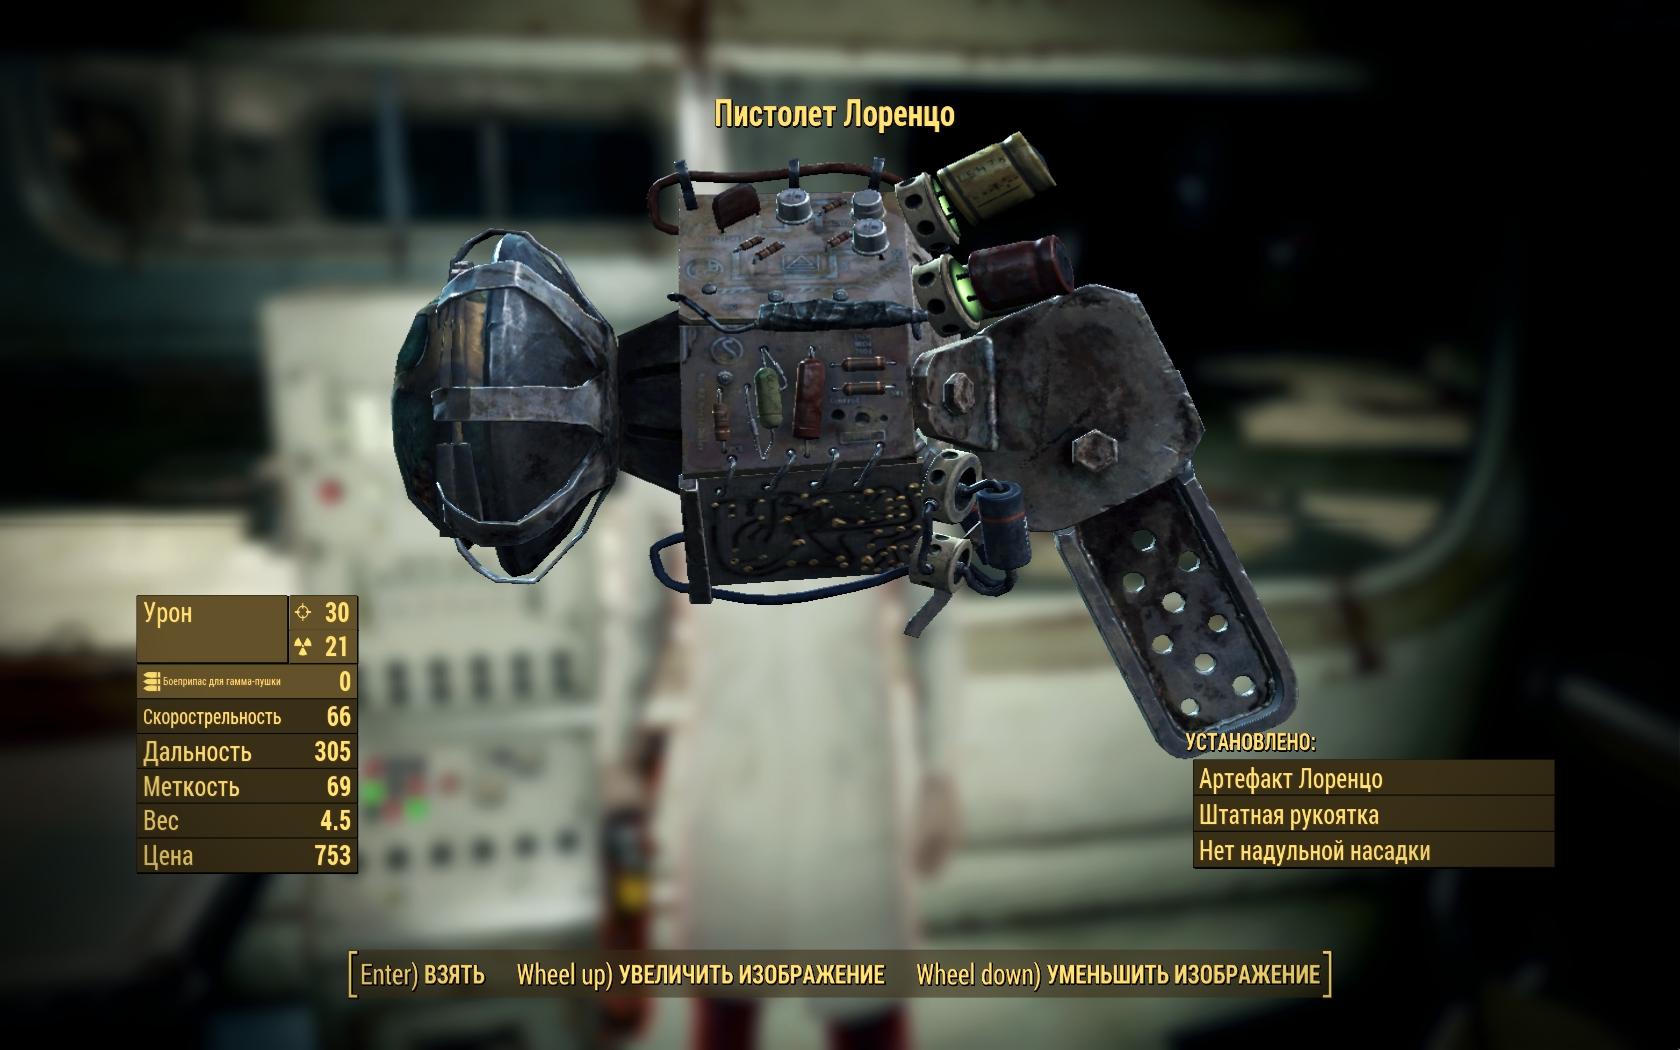 Пистолет Лоренцо - Fallout 4 Лоренцо, Оружие, Пистолет Лоренцо